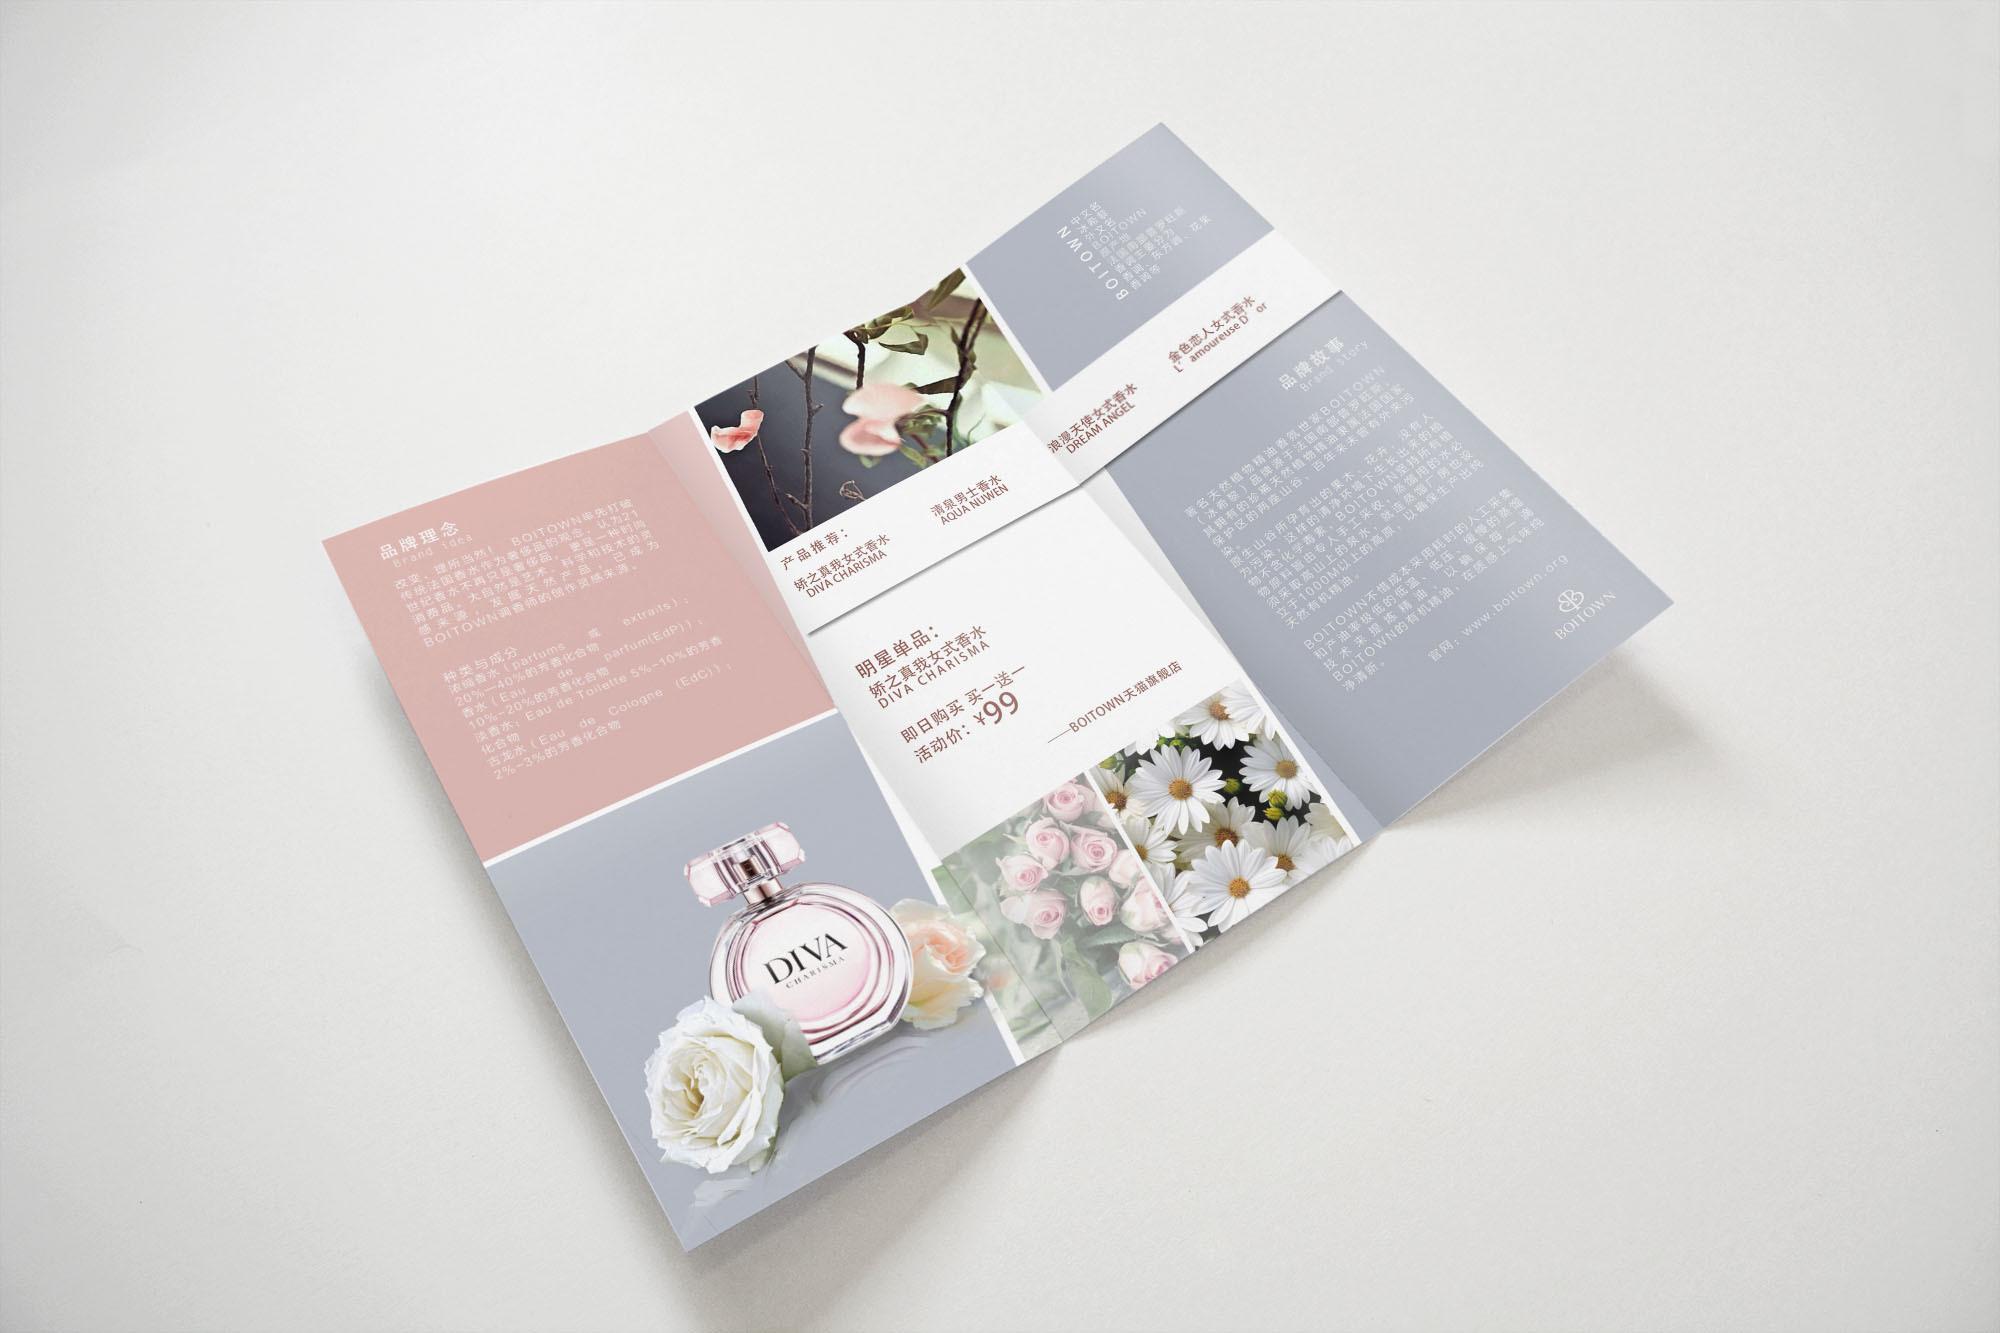 香水品牌三折页设计|平面|宣传品|栗子_a - 原创作品图片